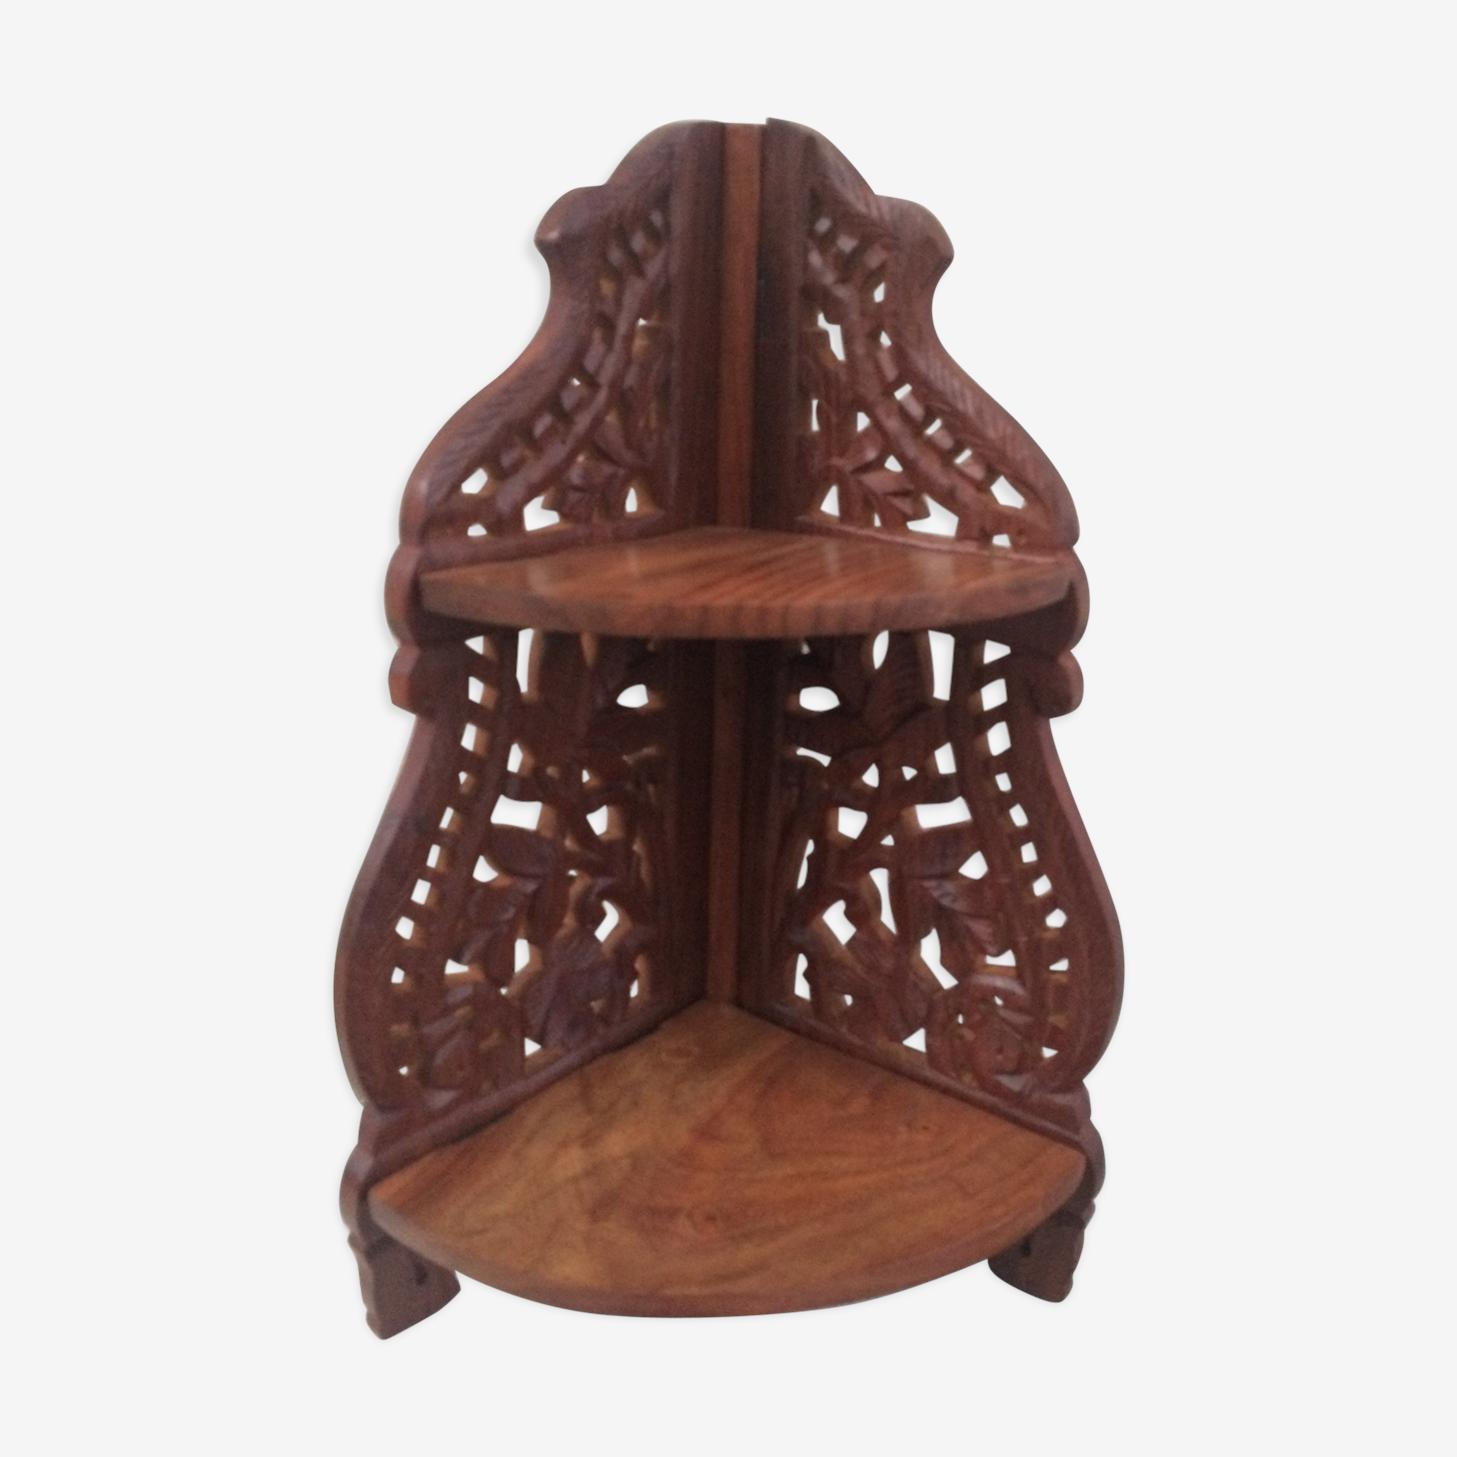 Etagère d'angle pliante en bois ciselé avec des fleurs sculptées